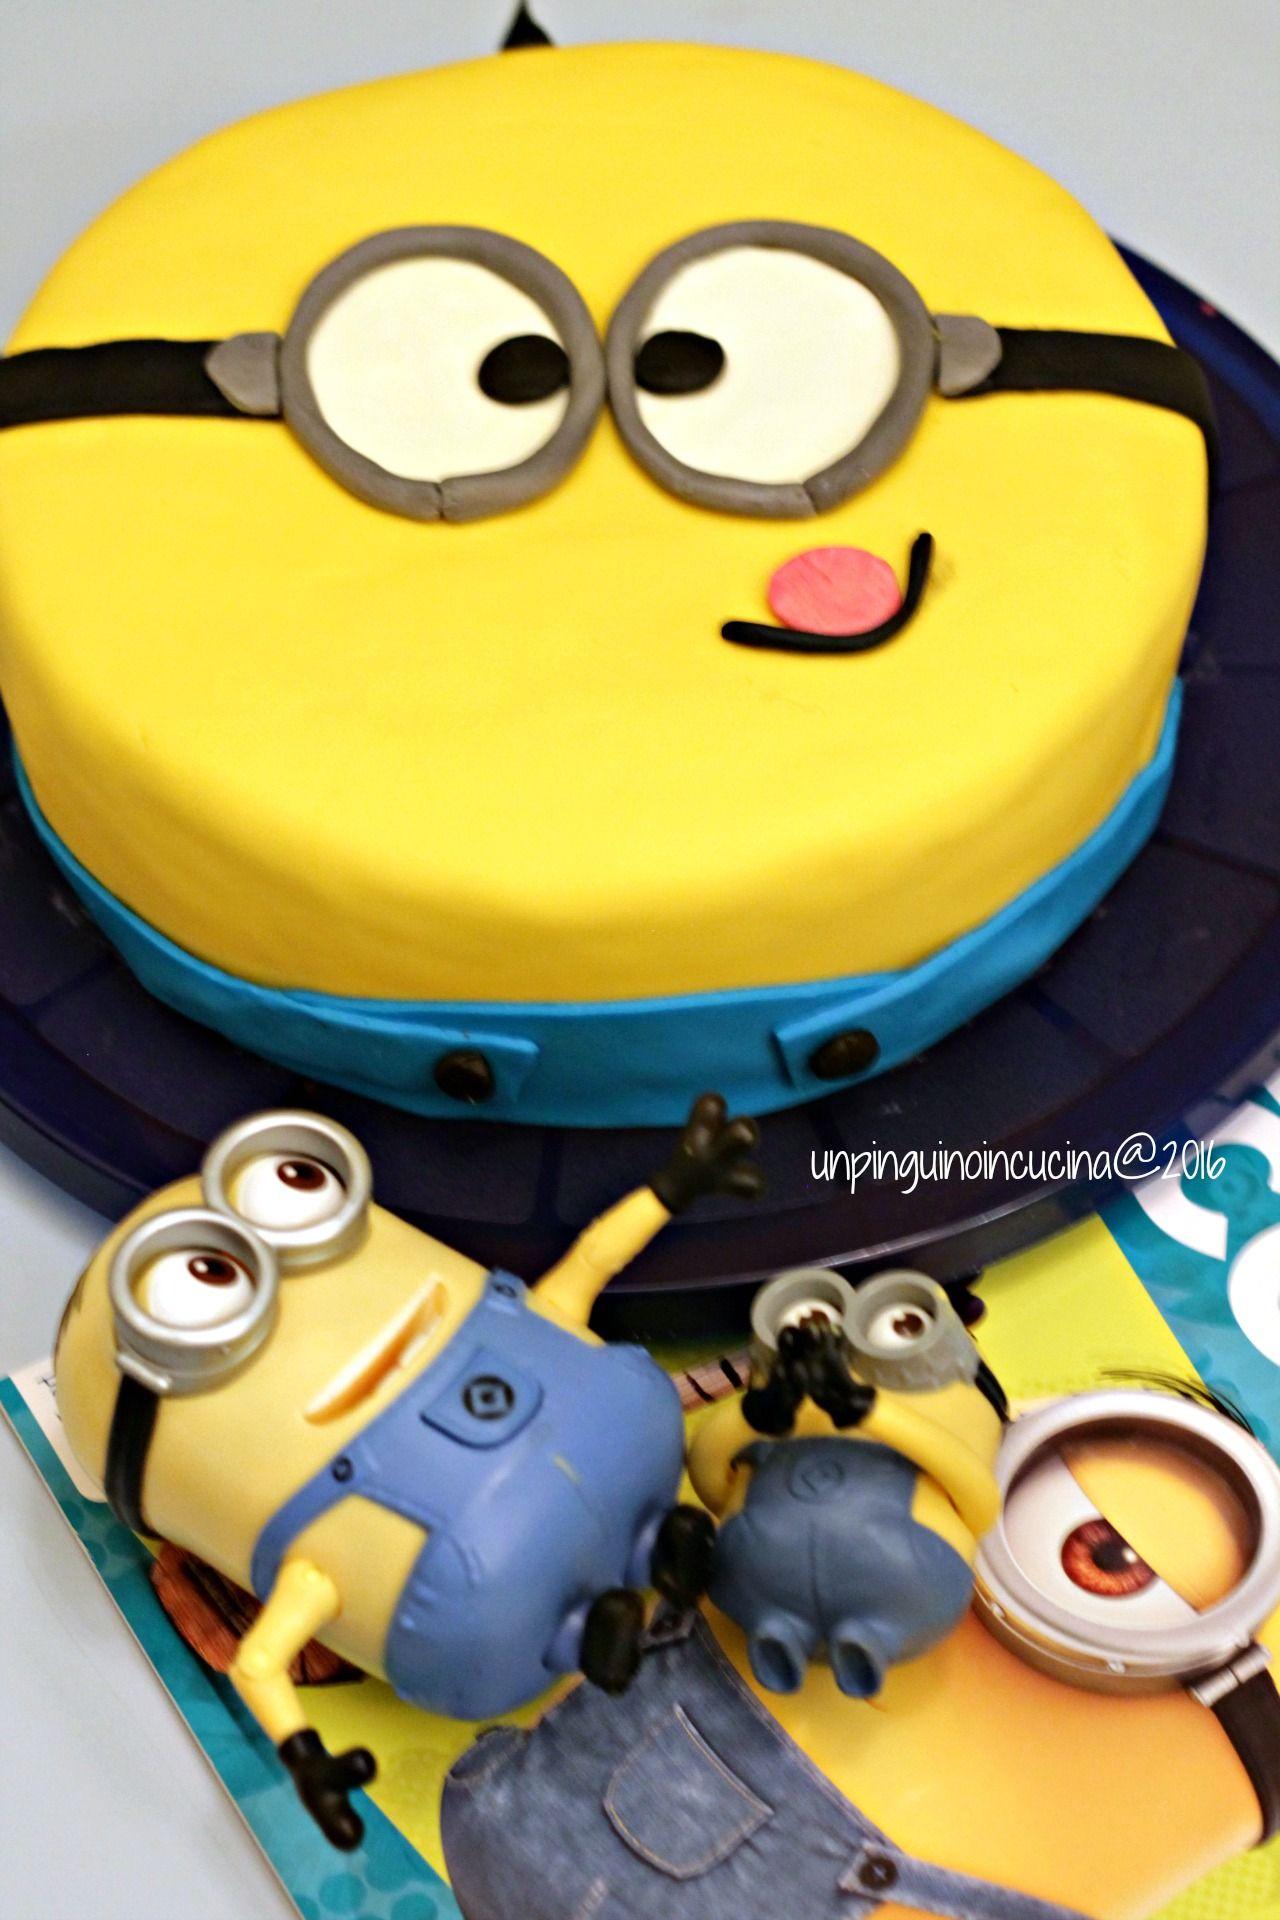 Minion Cake - Torta Minion   Un Pinguino in Cucina